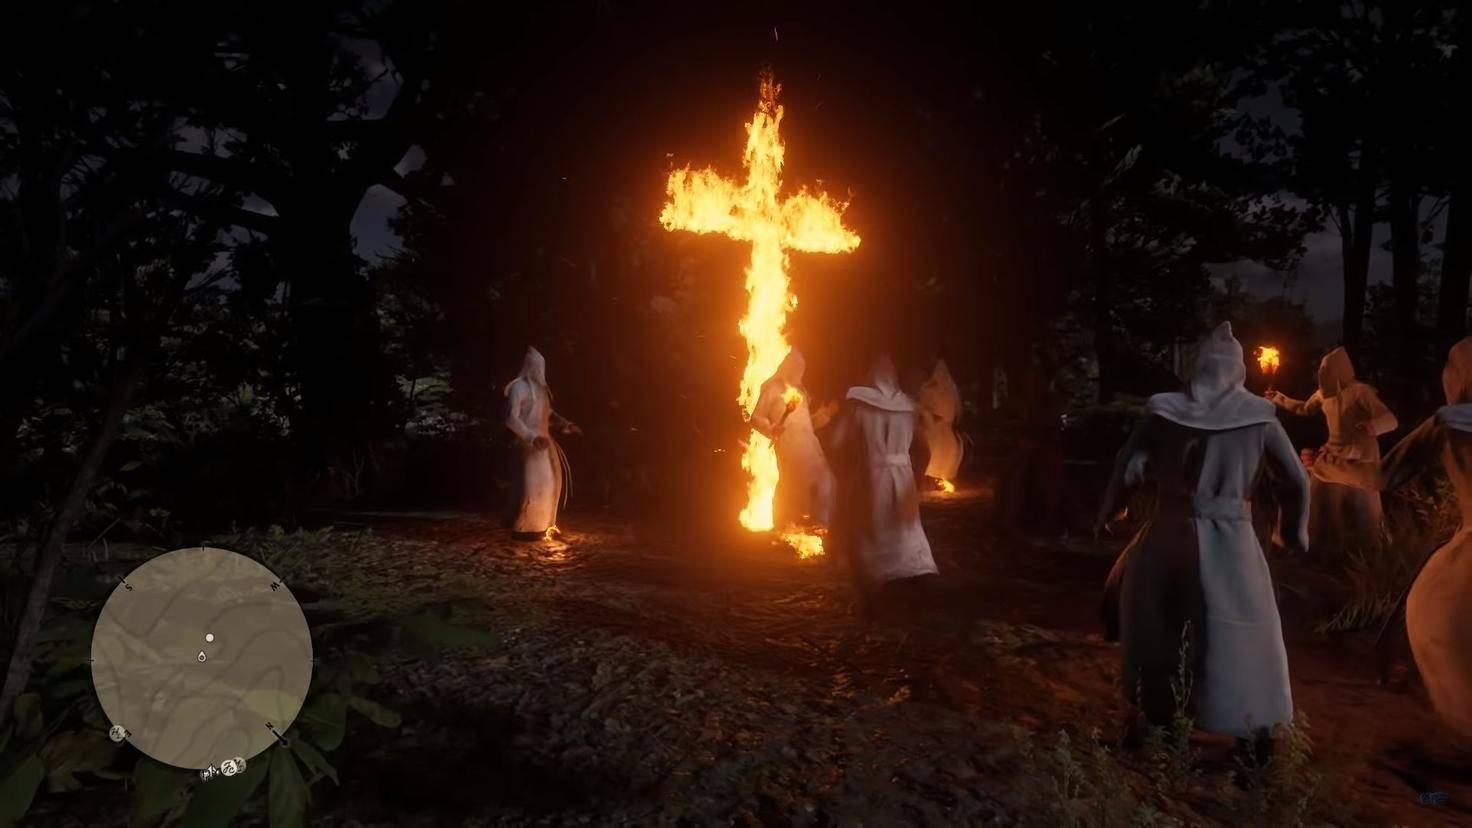 Auch ein brennendes Kreuz birgt Gefahren.